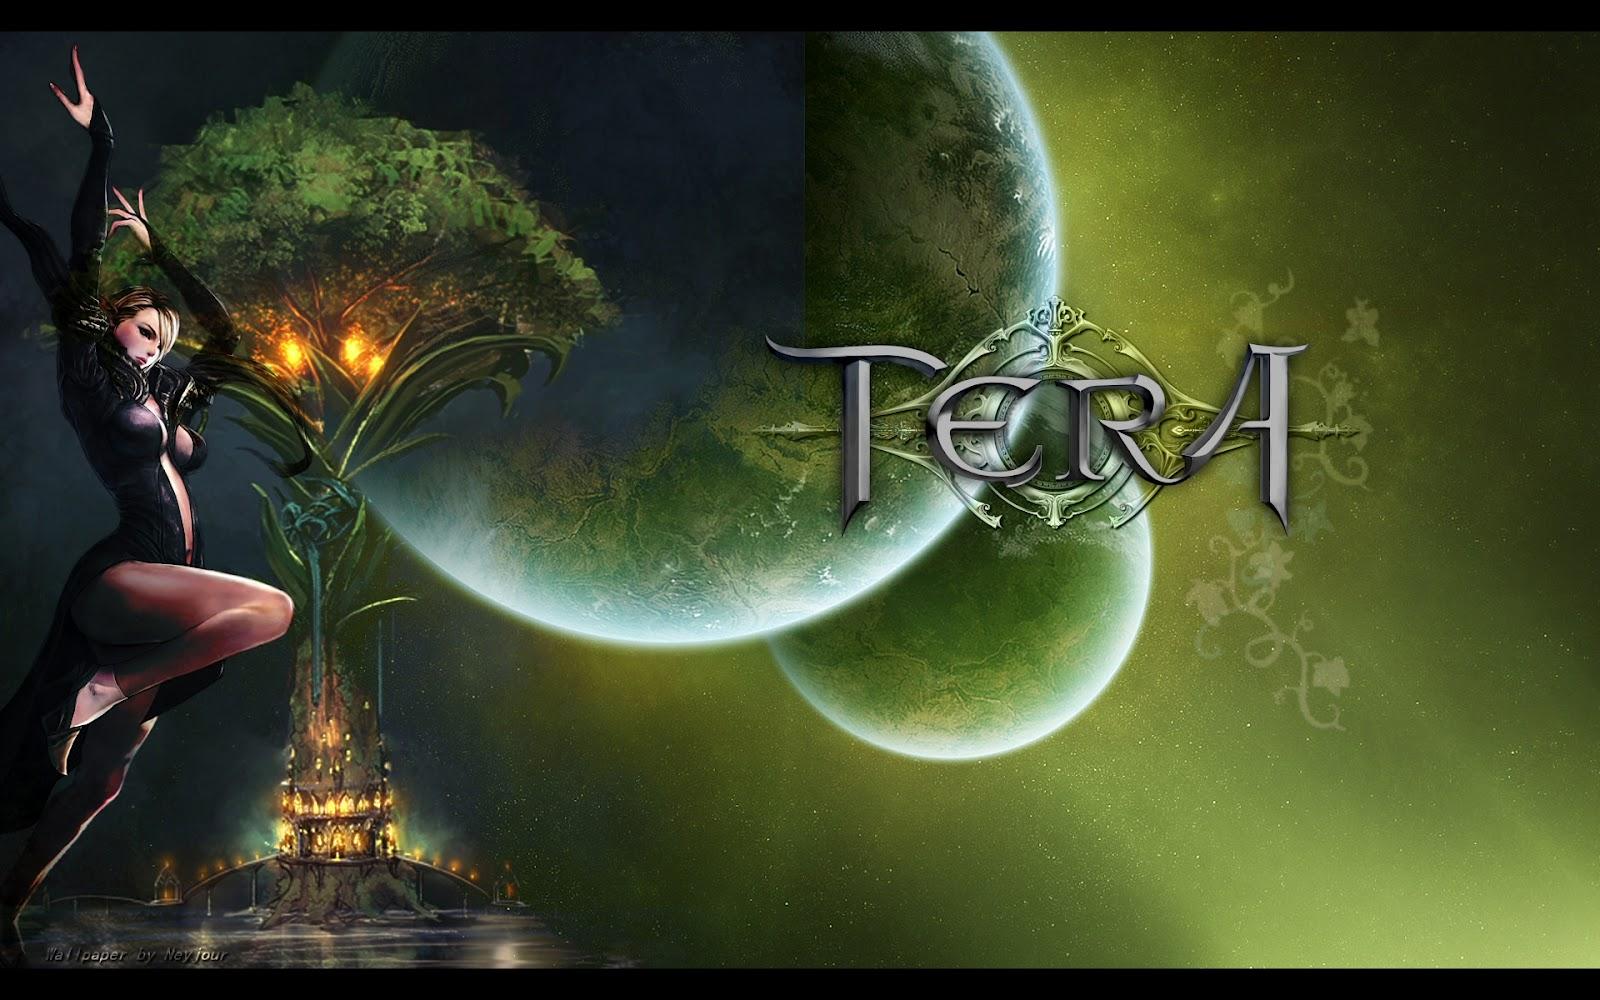 http://2.bp.blogspot.com/-HDO_Nhq-gEQ/UA0XnHf2H-I/AAAAAAAAAL4/gNMr4Z8cBWM/s1600/Tera_Online_wallpaper_wallpaper-hd-fantasy-tera-high-elf-2747.jpg